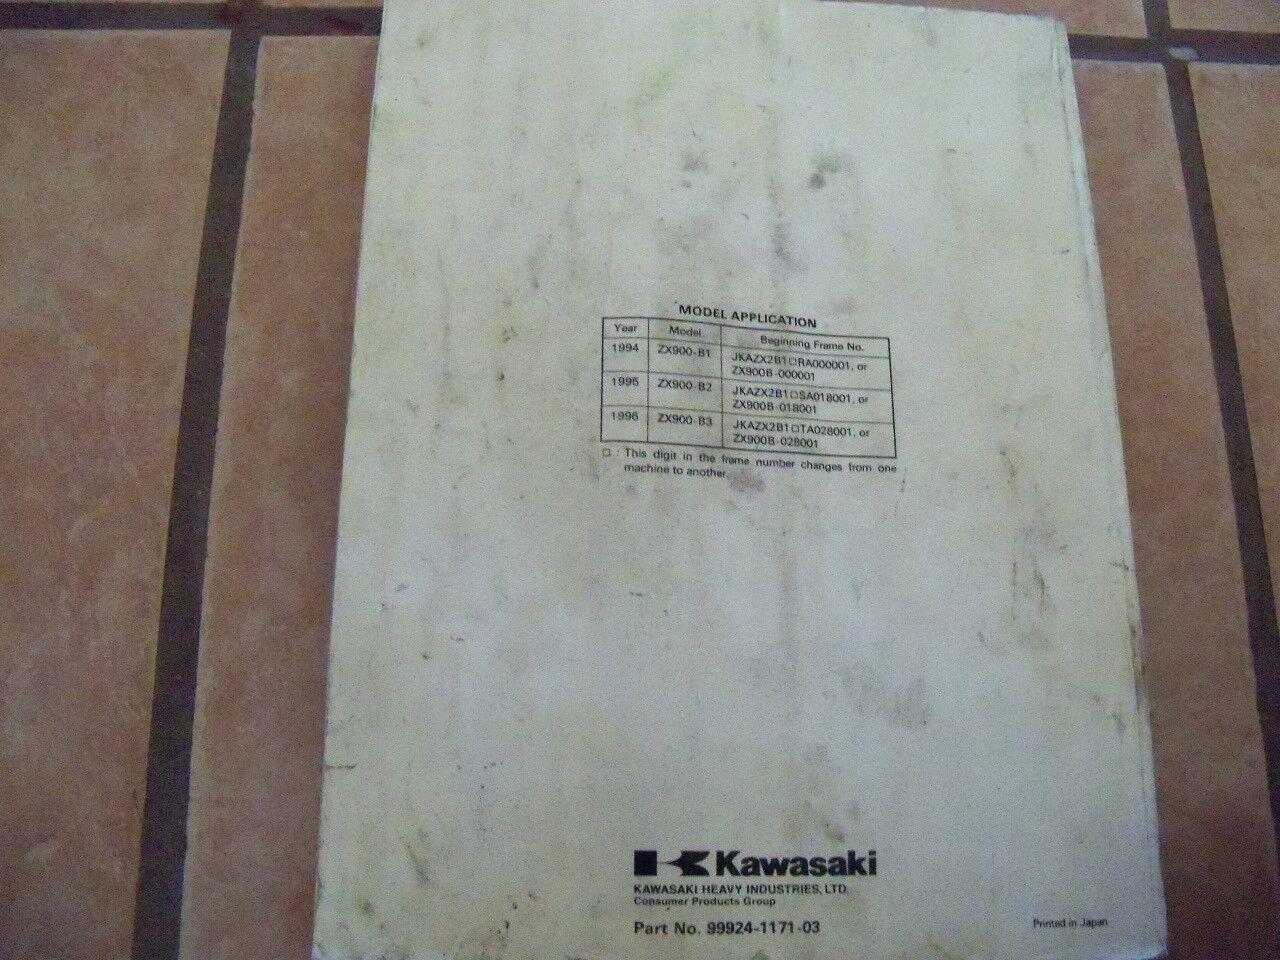 ... Kawasaki Ninja ZX-9R Motorcycle Service Manual 2 of 2 See More